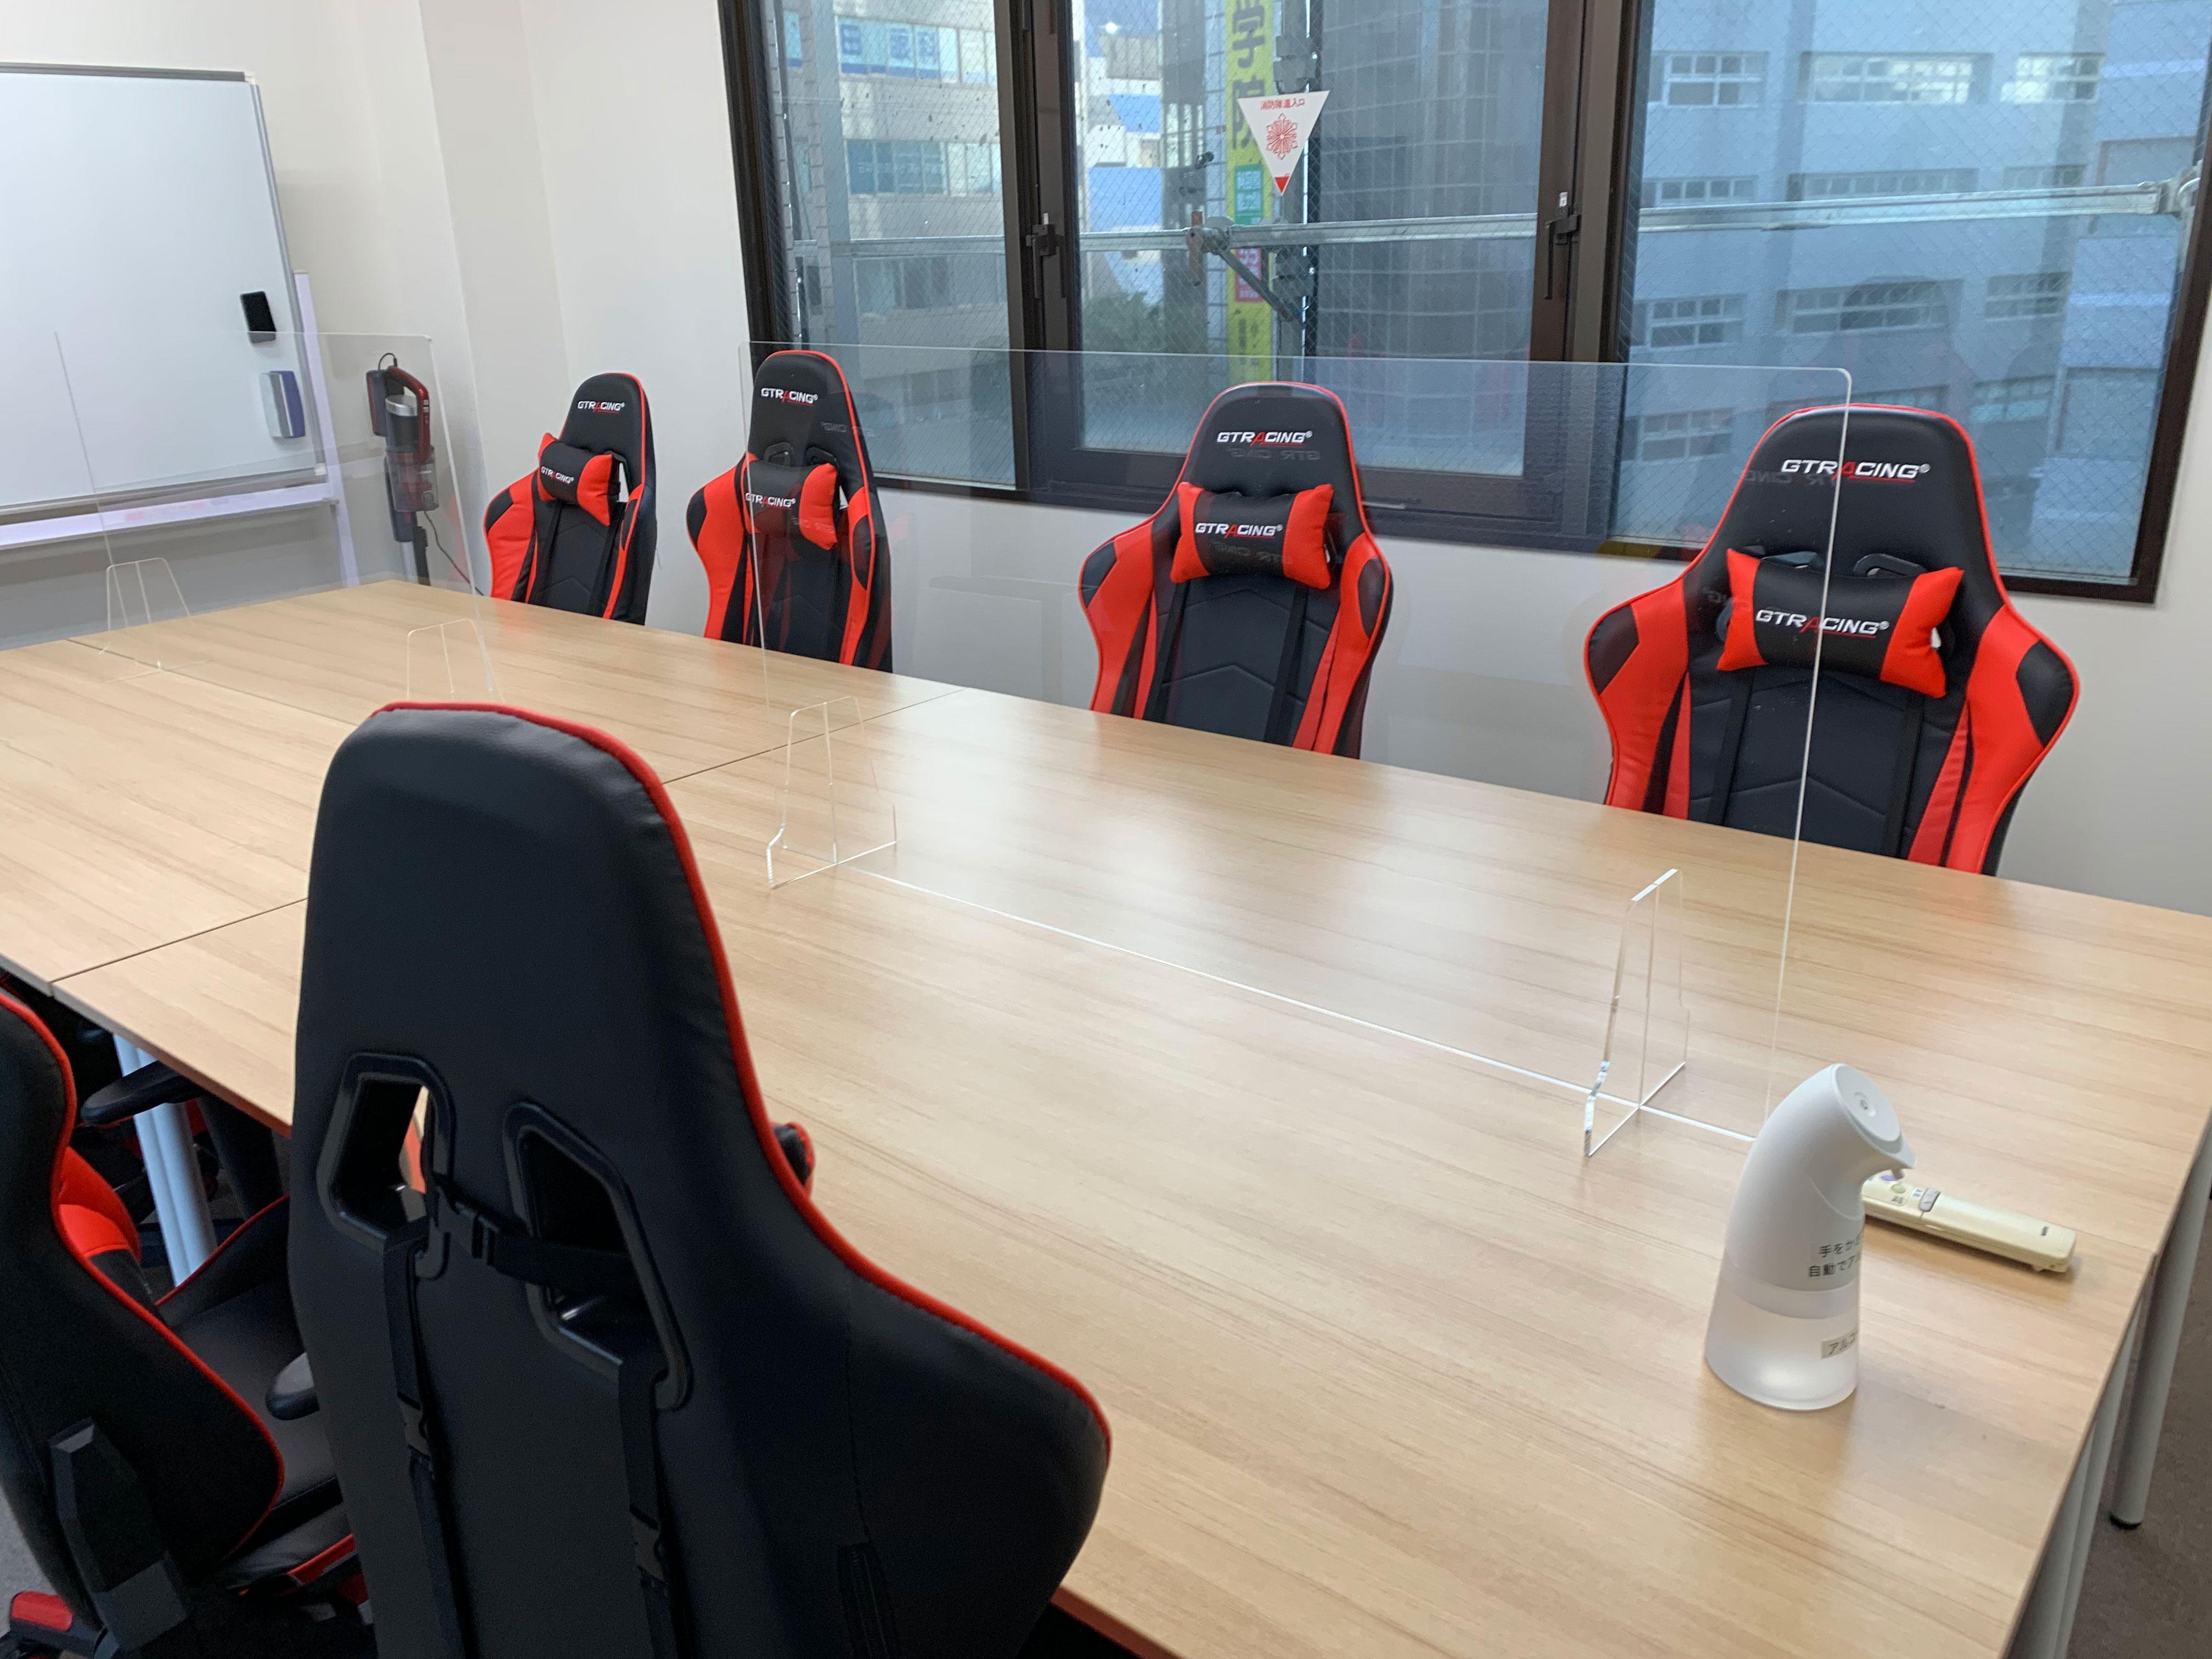 ゲーミングチェア8脚 - GS町田RSビル貸会議室 オープン特価・ゲーミングチェアの室内の写真